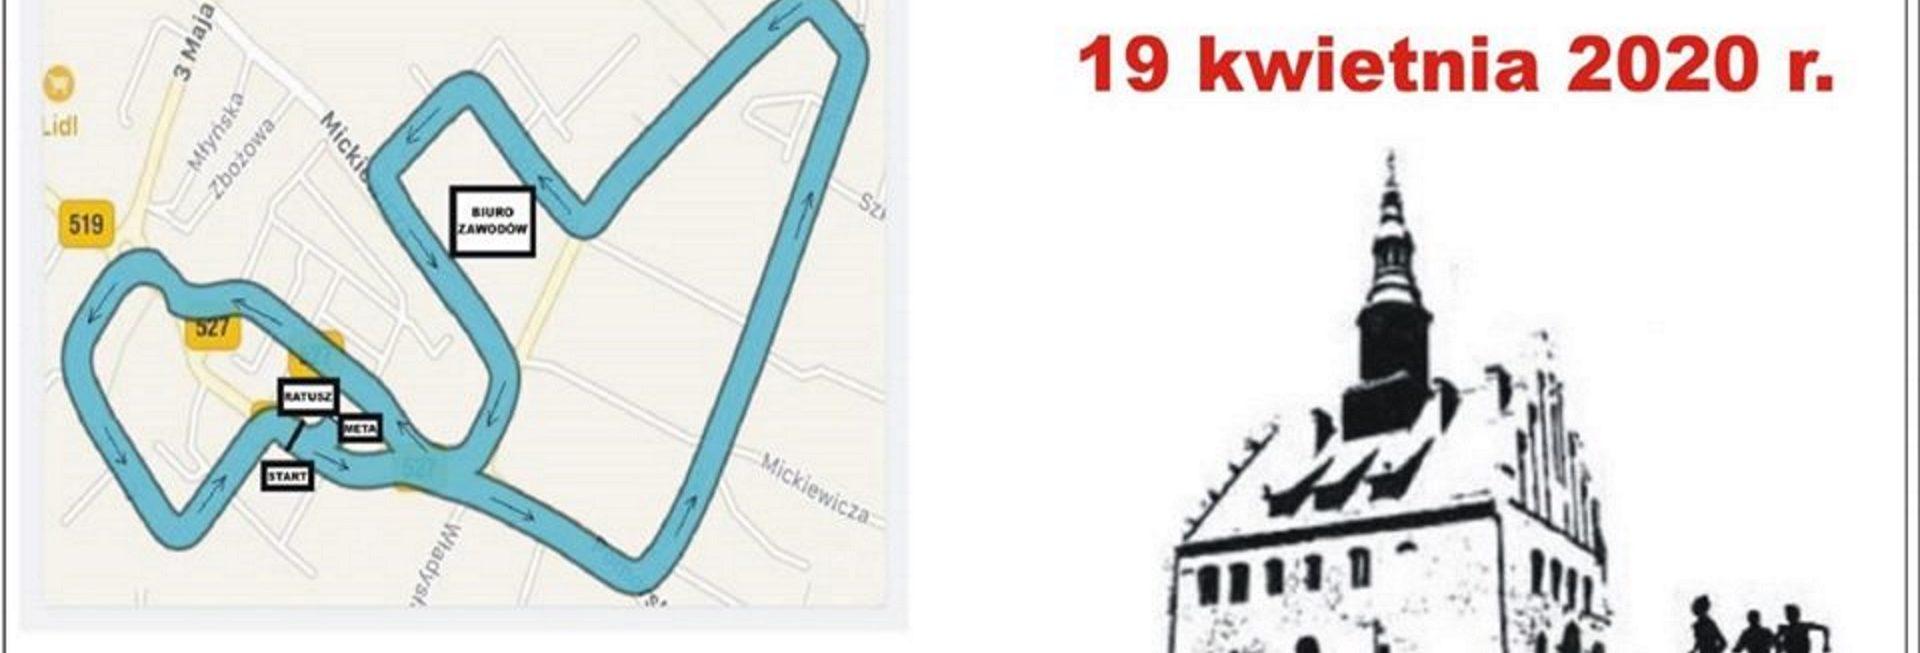 Zdjęcie, plakat zapraszający na 19 kwietnia 2020 roku do Morąga na 8 edycję Biegu Szlakiem Morąskich Zabytków. Plakat przedstawia graficzny zarys trasy biegu, napisy zapraszające na bieg oraz graficzny rysunek Ratusza w Morągu.